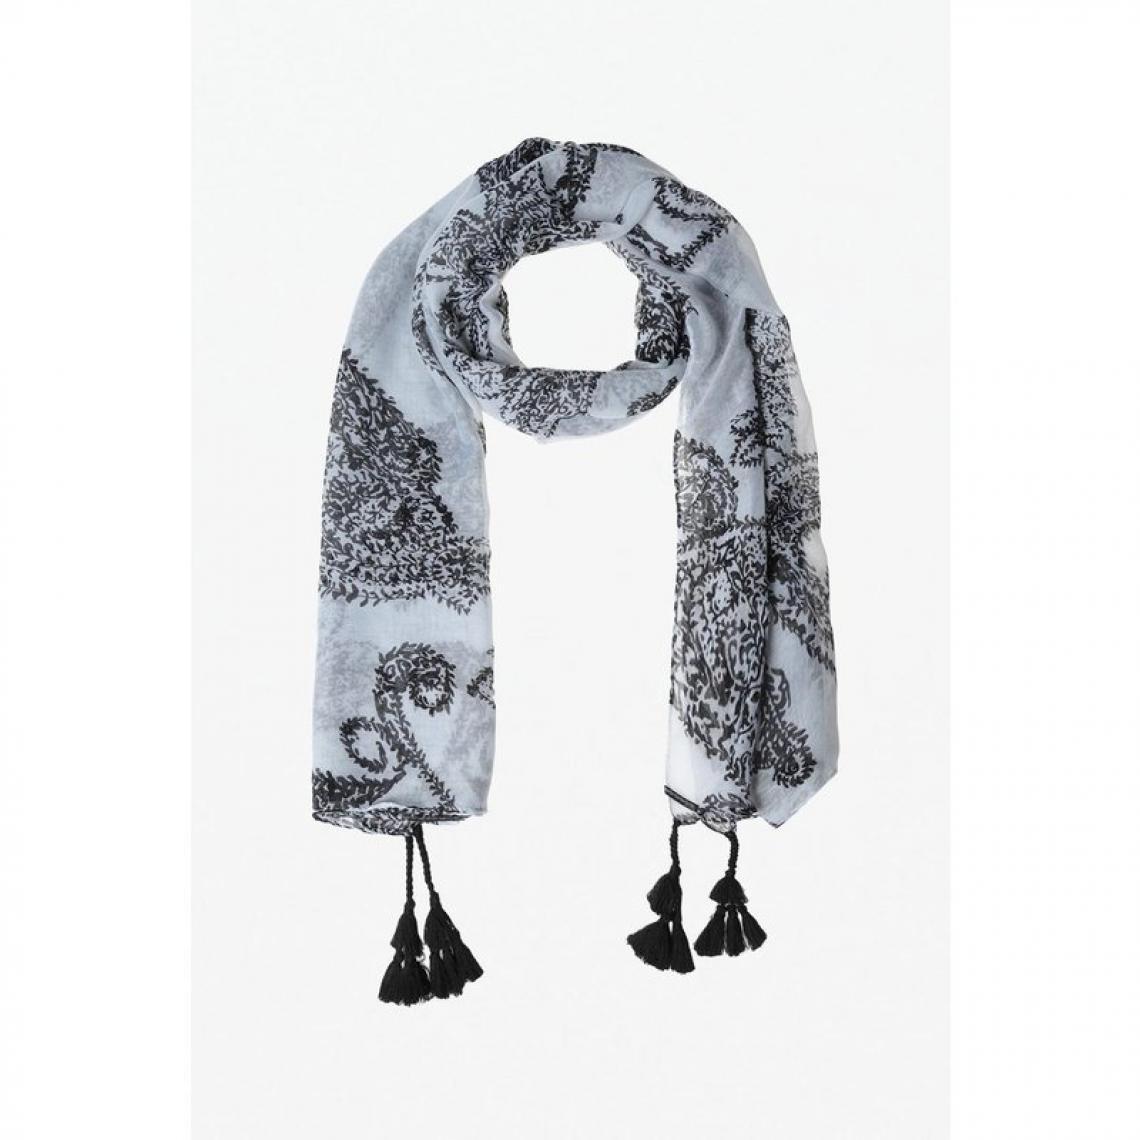 5bd9c1cd8cd0c Foulard à motifs noir et blanc cachemire femme | 3 SUISSES